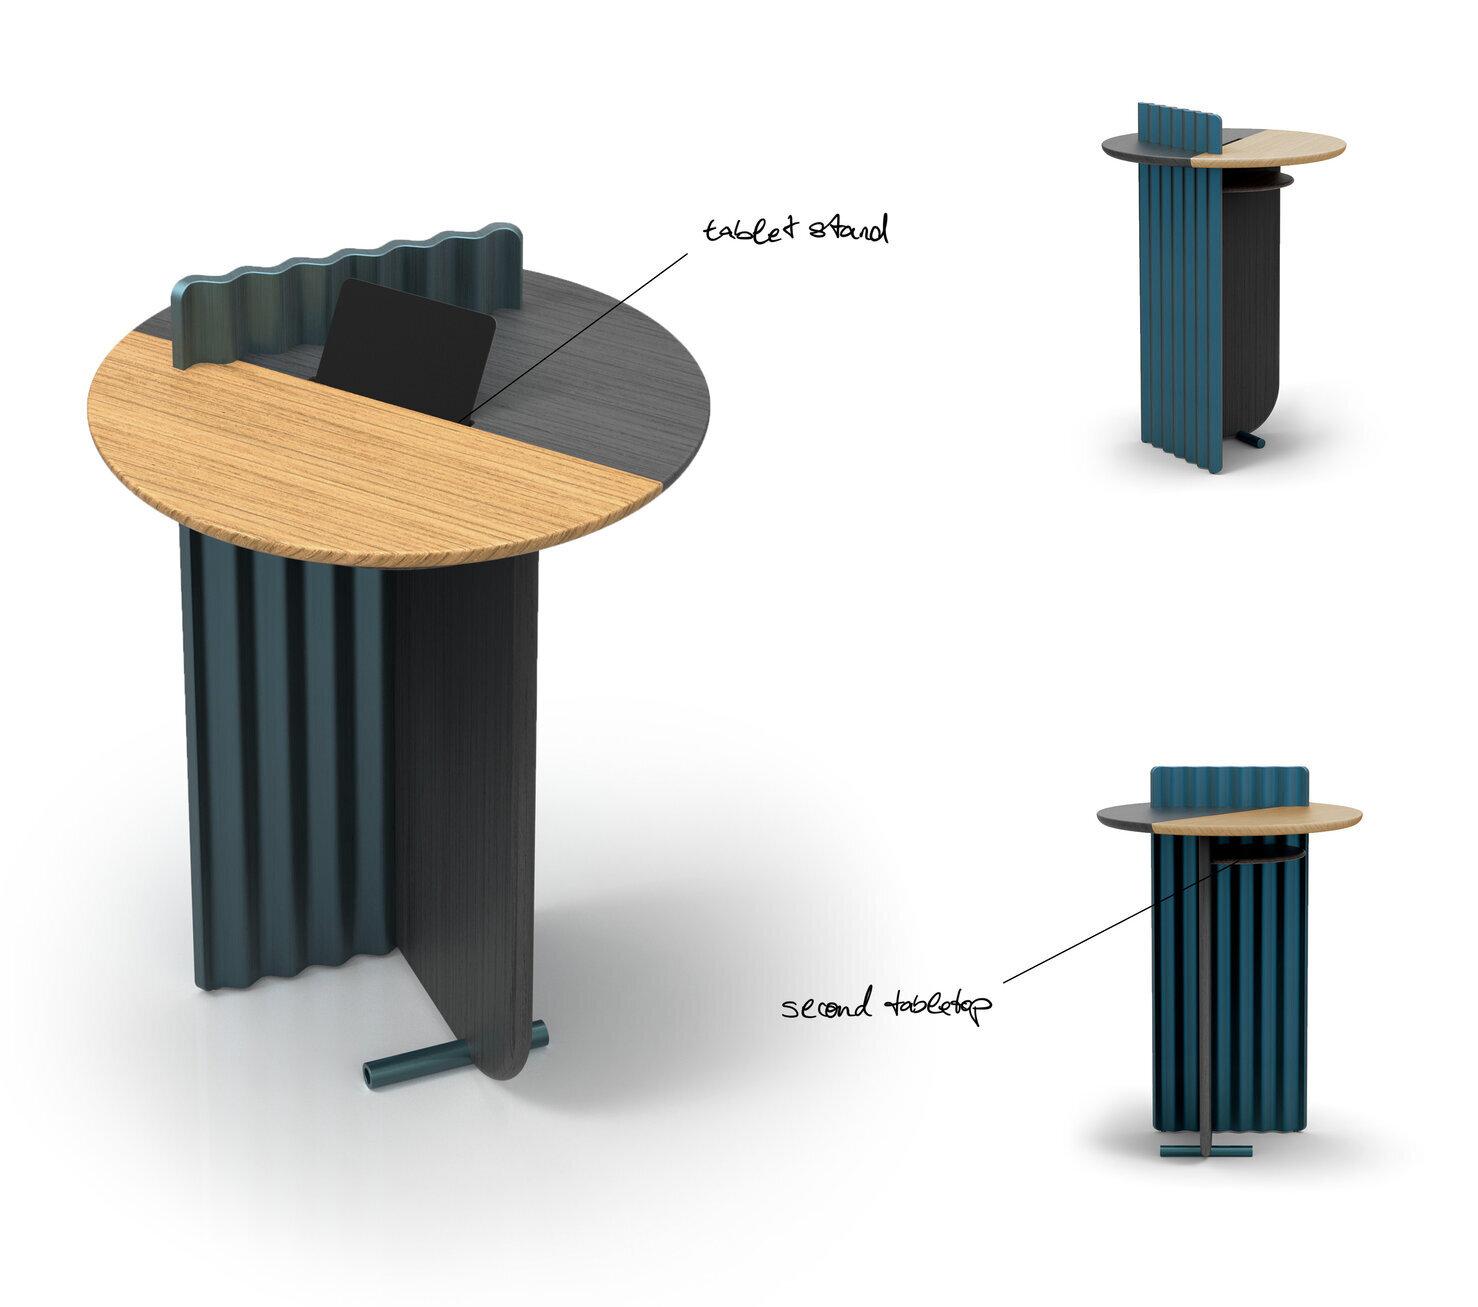 Erde+%26+Himmel_Concept_Furnitures_Counter.jpg